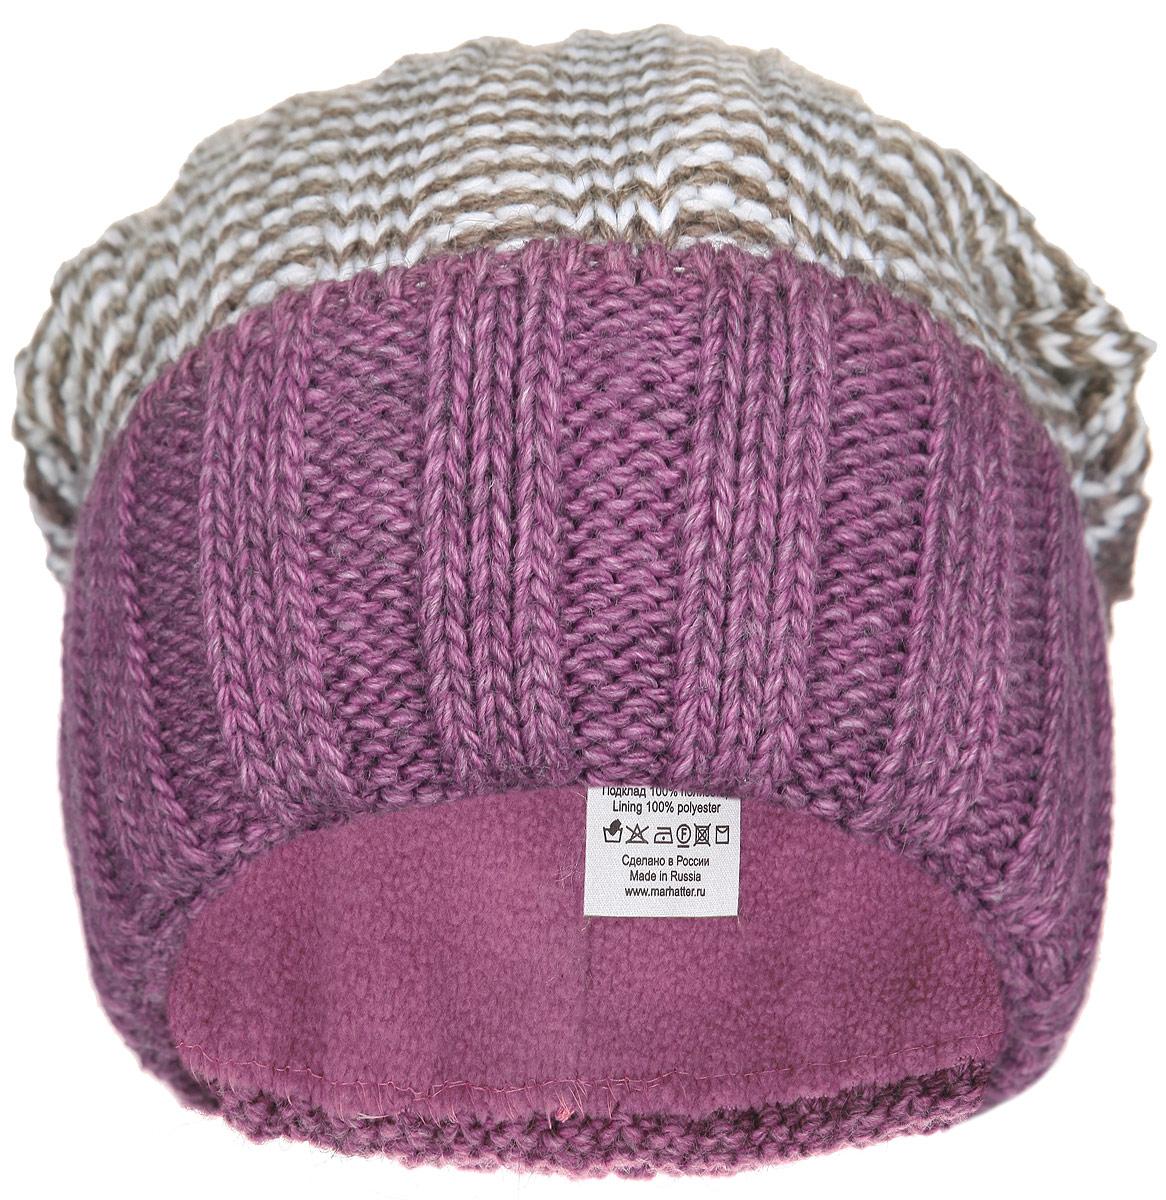 Шапка женская. RWH6507/2RWH6507/2-058.073Отличная вязаная женская шапка Elfrio прекрасно подойдет молодым и активным, ценящим комфорт и красоту. Модель изготовлена из высококачественной акриловой пряжи, она мягкая и приятная на ощупь, обладает хорошими дышащими свойствами и максимально удерживает тепло. Шапка превосходно сохраняет тепло, благодаря флисовой подкладки, мягкая и идеально прилегает к голове. Шапка с широким отворотом выполнена фактурным узором. Незаменимая вещь на прохладную погоду. Такая шапка придаст вашему образу оригинальность. Уважаемые клиенты! Размер, доступный для заказа, является обхватом головы.